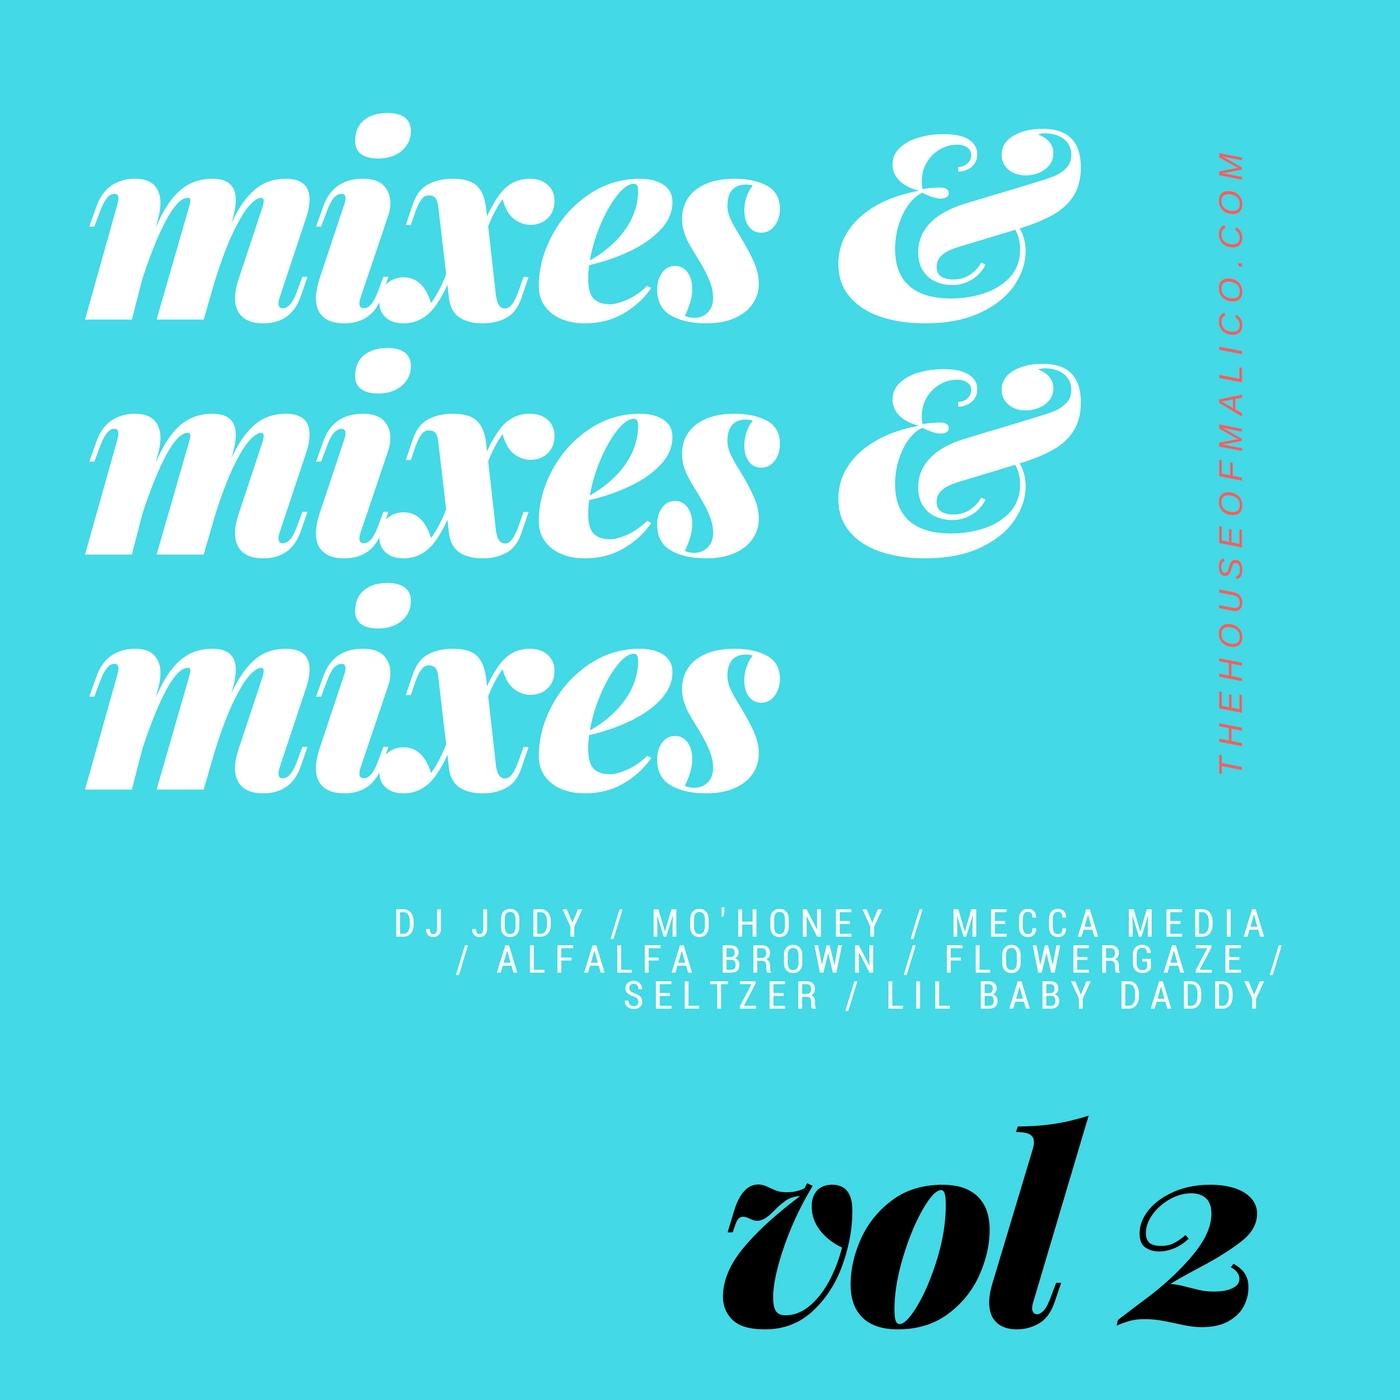 Copy of mixes &mixes &mixes (2).jpg